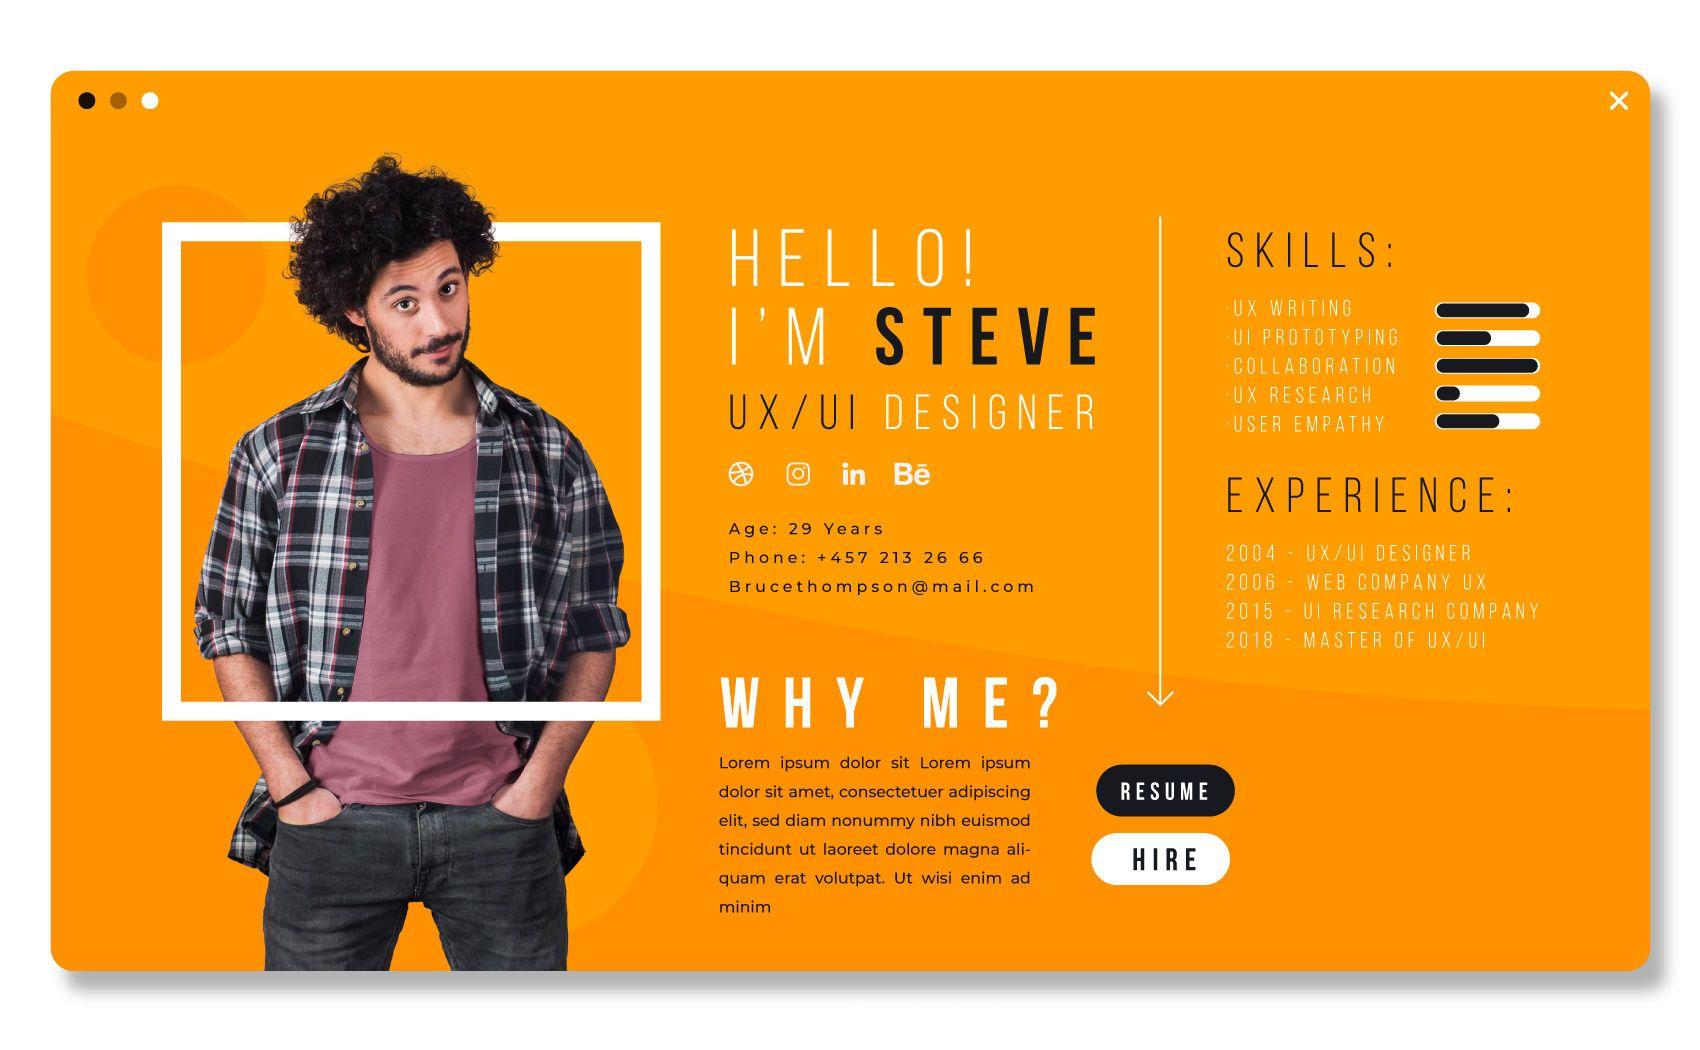 Diseño de plantilla de CV de diseñador de UX